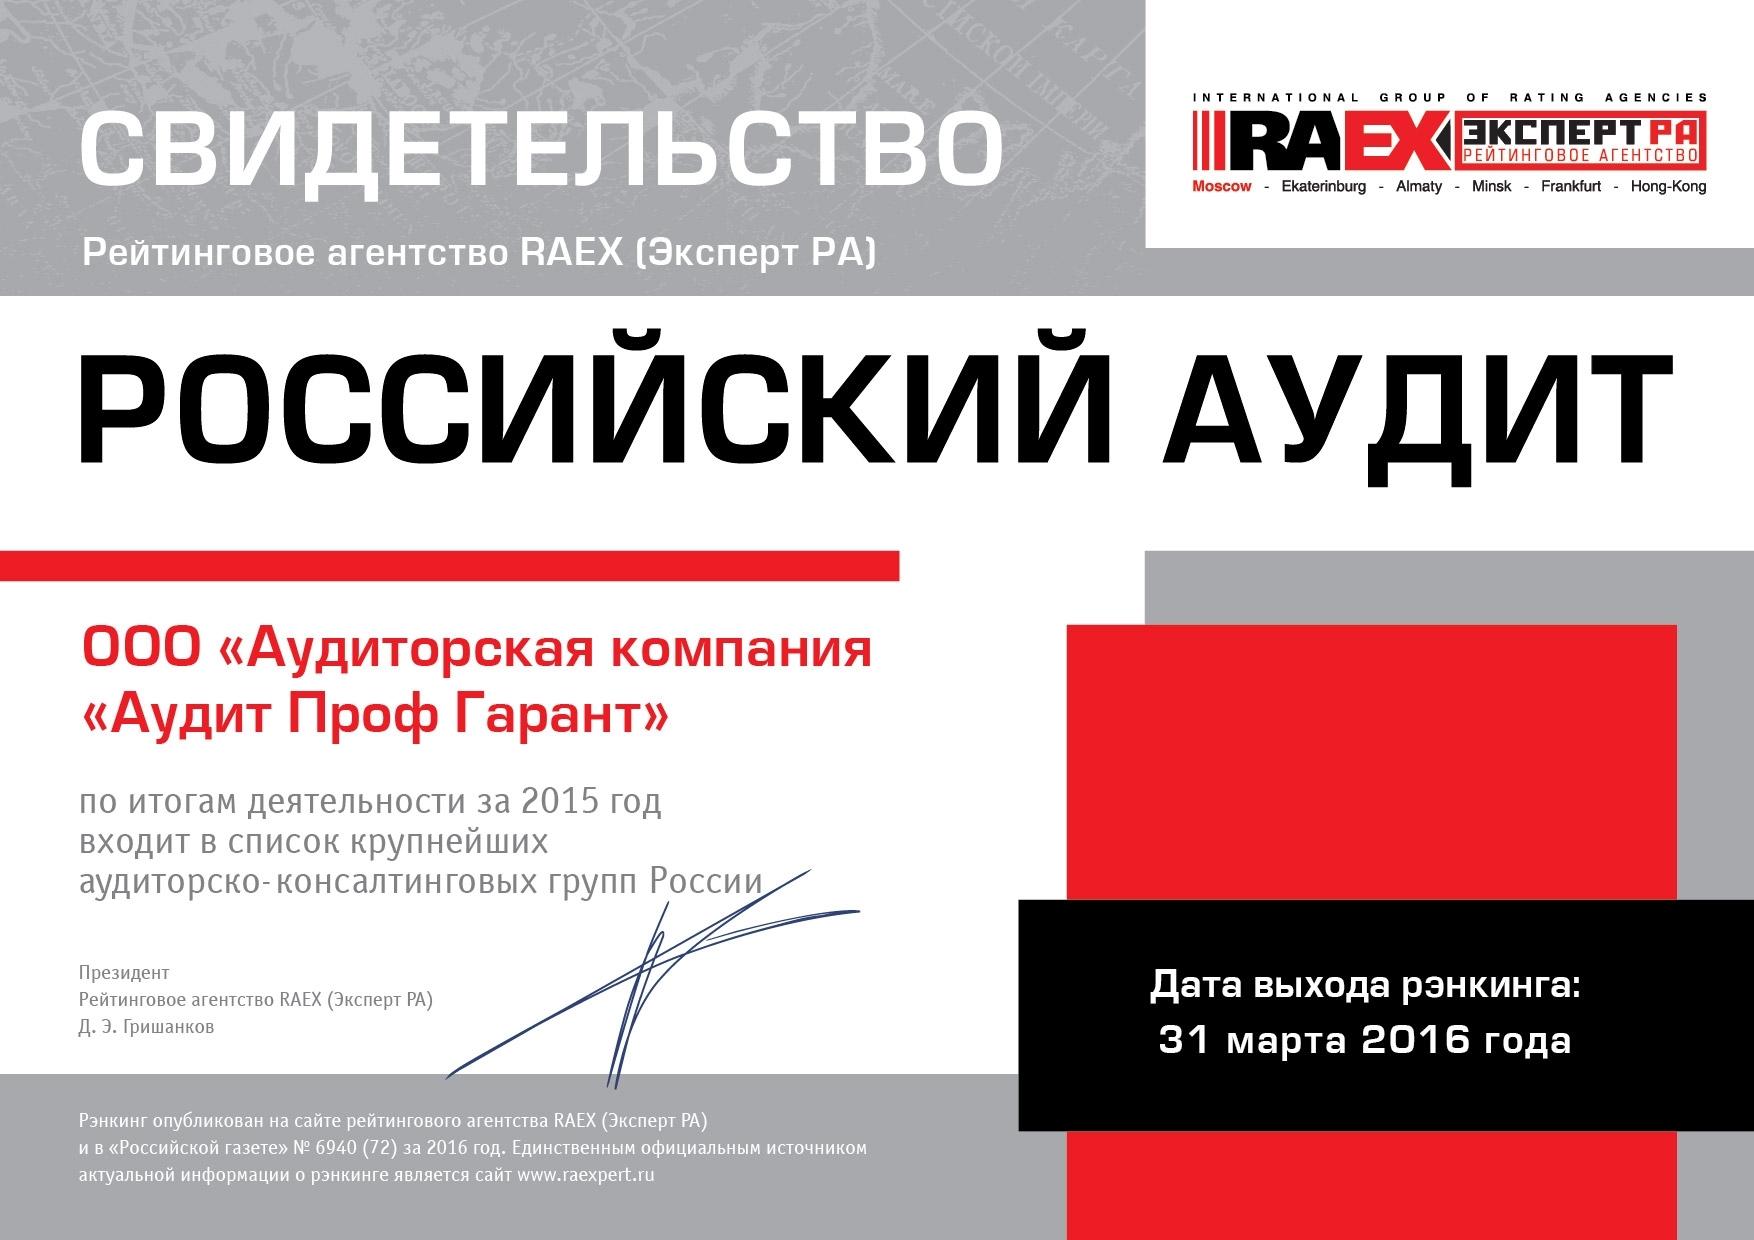 Св.Эксперт РА за 2015 г.АКГ